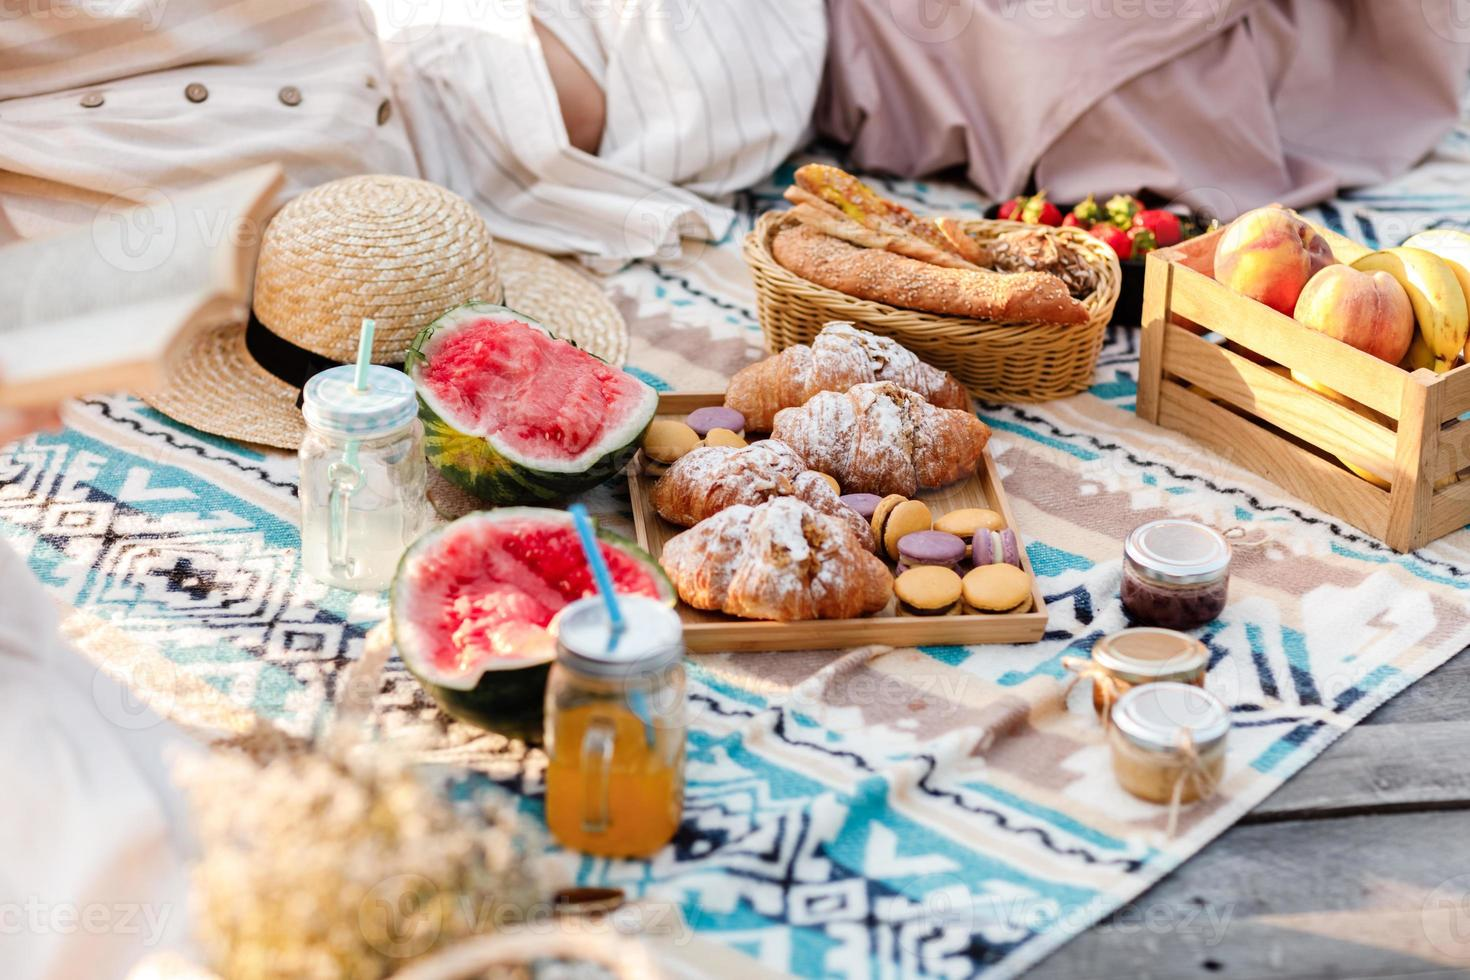 piquenique no parque. frutas frescas, refrigerantes gelados e croissants em um dia quente de verão. almoço de piquenique. foco seletivo. foto